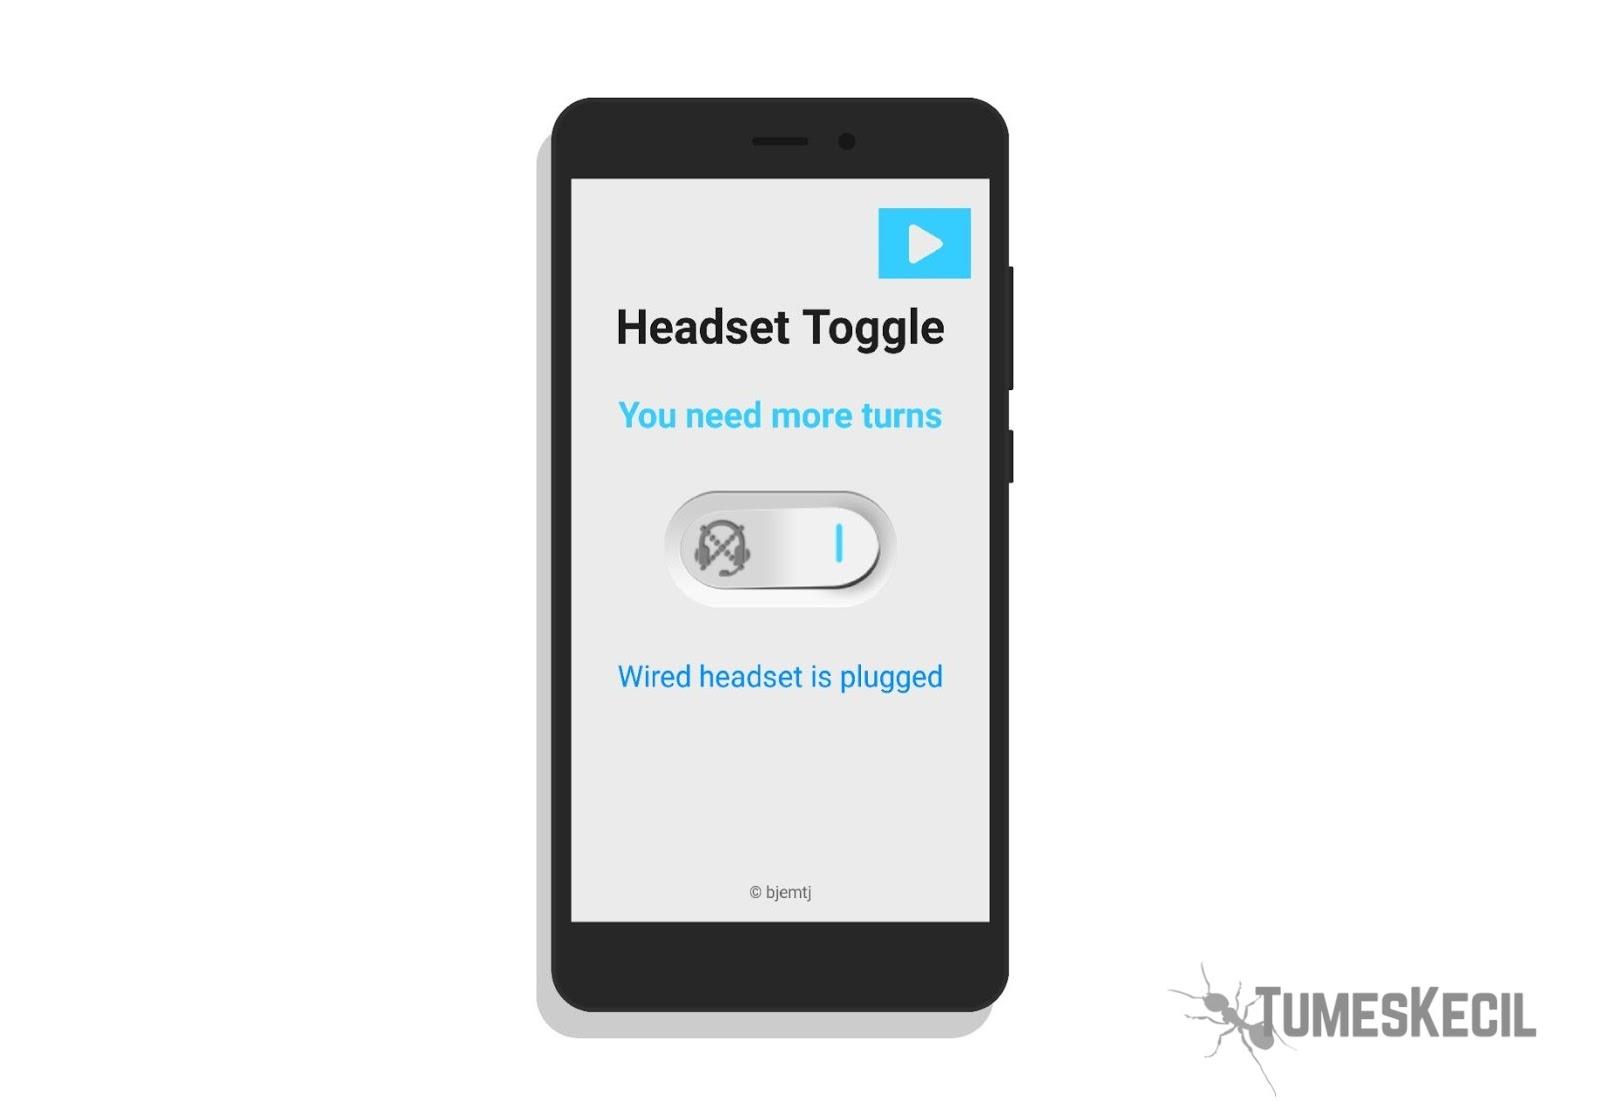 7 Cara Mengatasi Ikon Headset Tidak Mau Hilang Tumeskecil